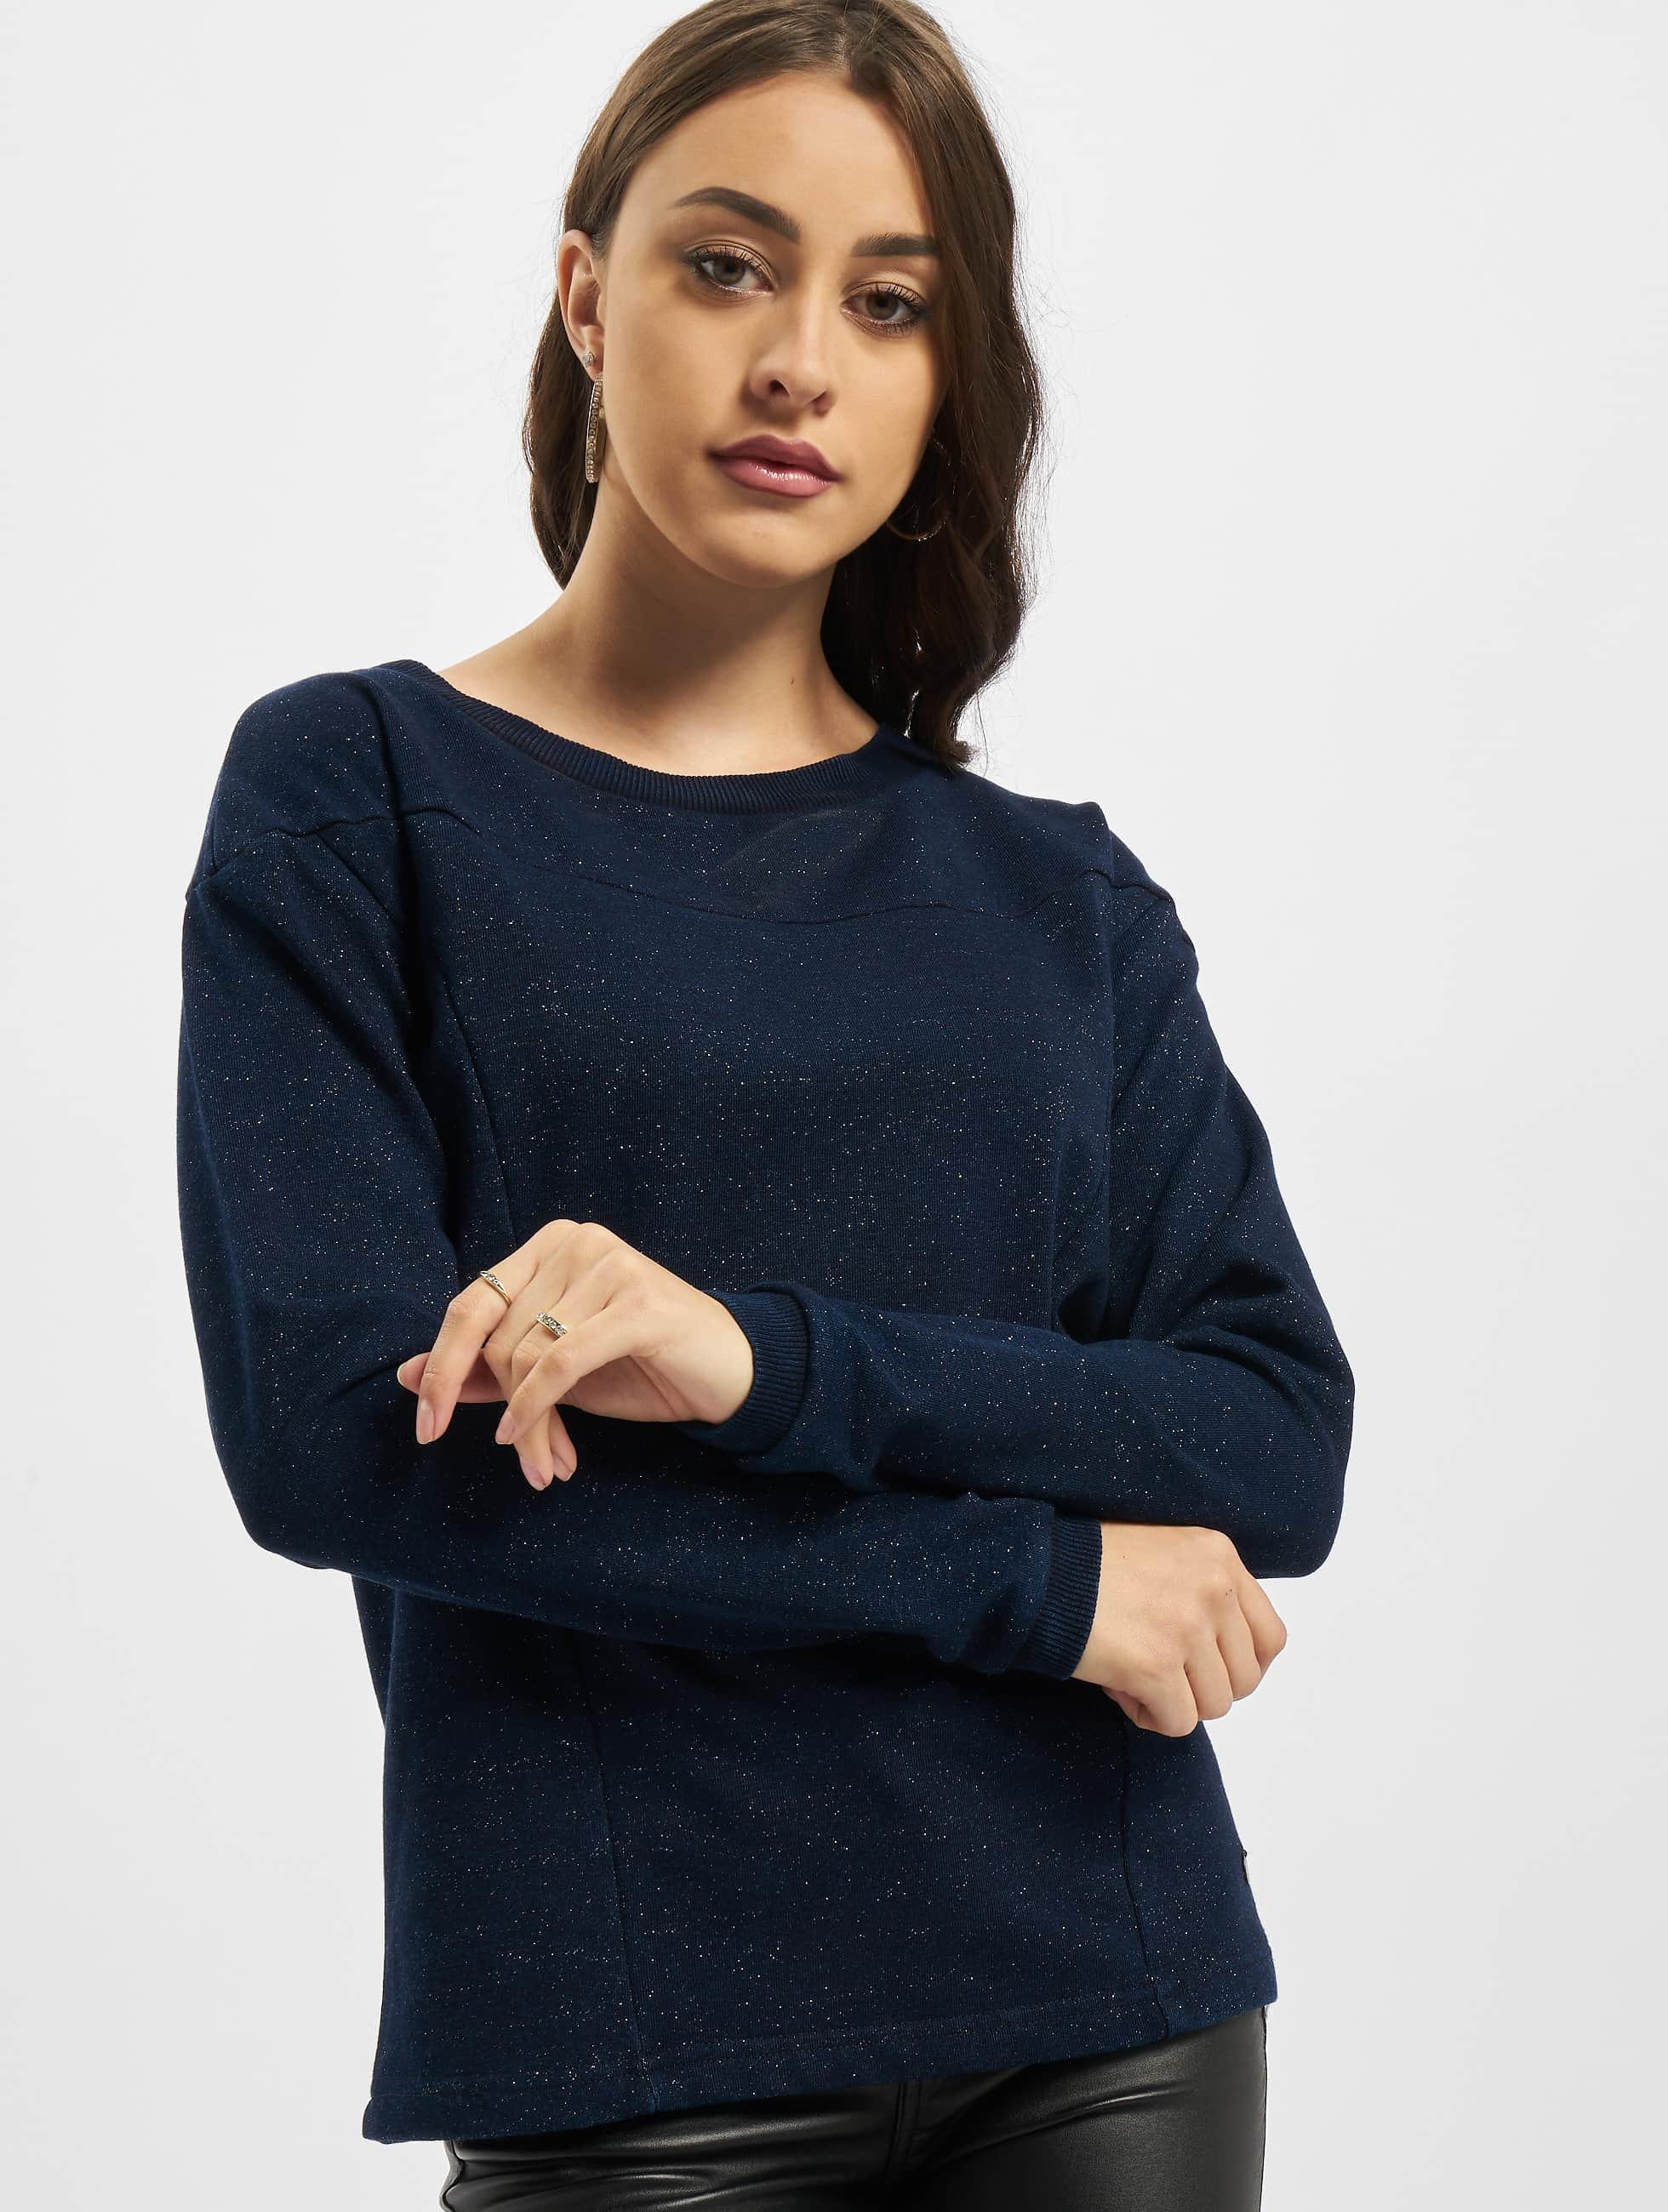 Sweatshirt PALMDESERT blau Nümph Bester Ort Zum Verkauf I4nNTxt